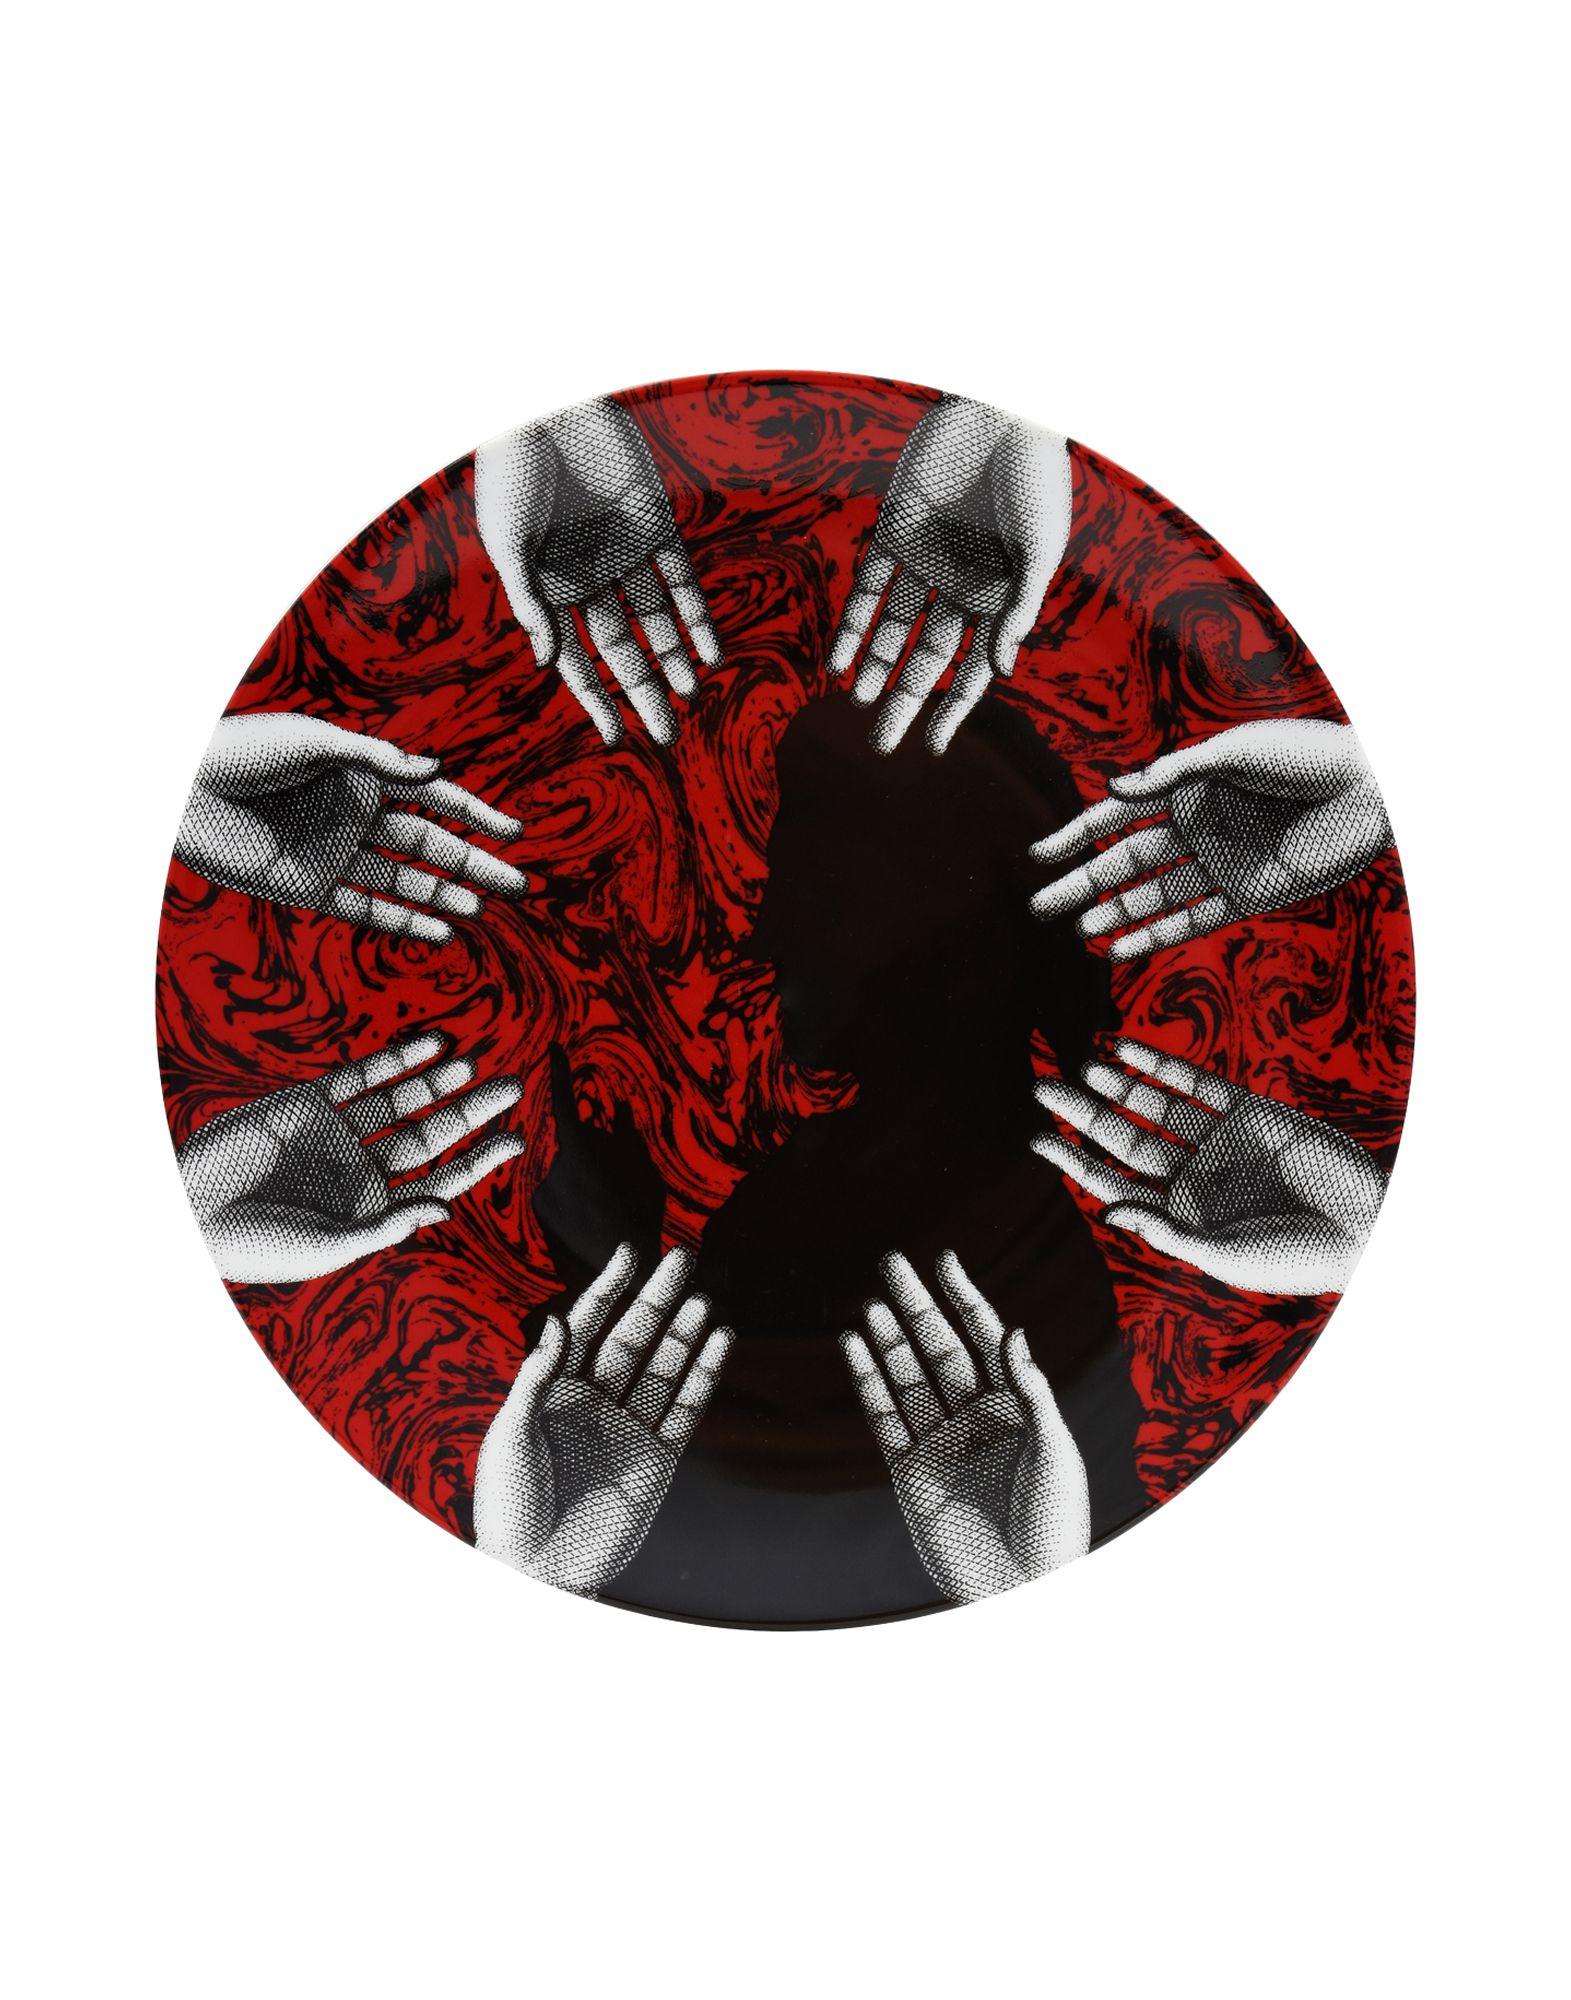 Фото - FORNASETTI Декоративная тарелка декоративная тарелка w s george fine china декоративная коллекционная тарелка парящее великолепие хищные птицы северный ястреб тетеревятник фа